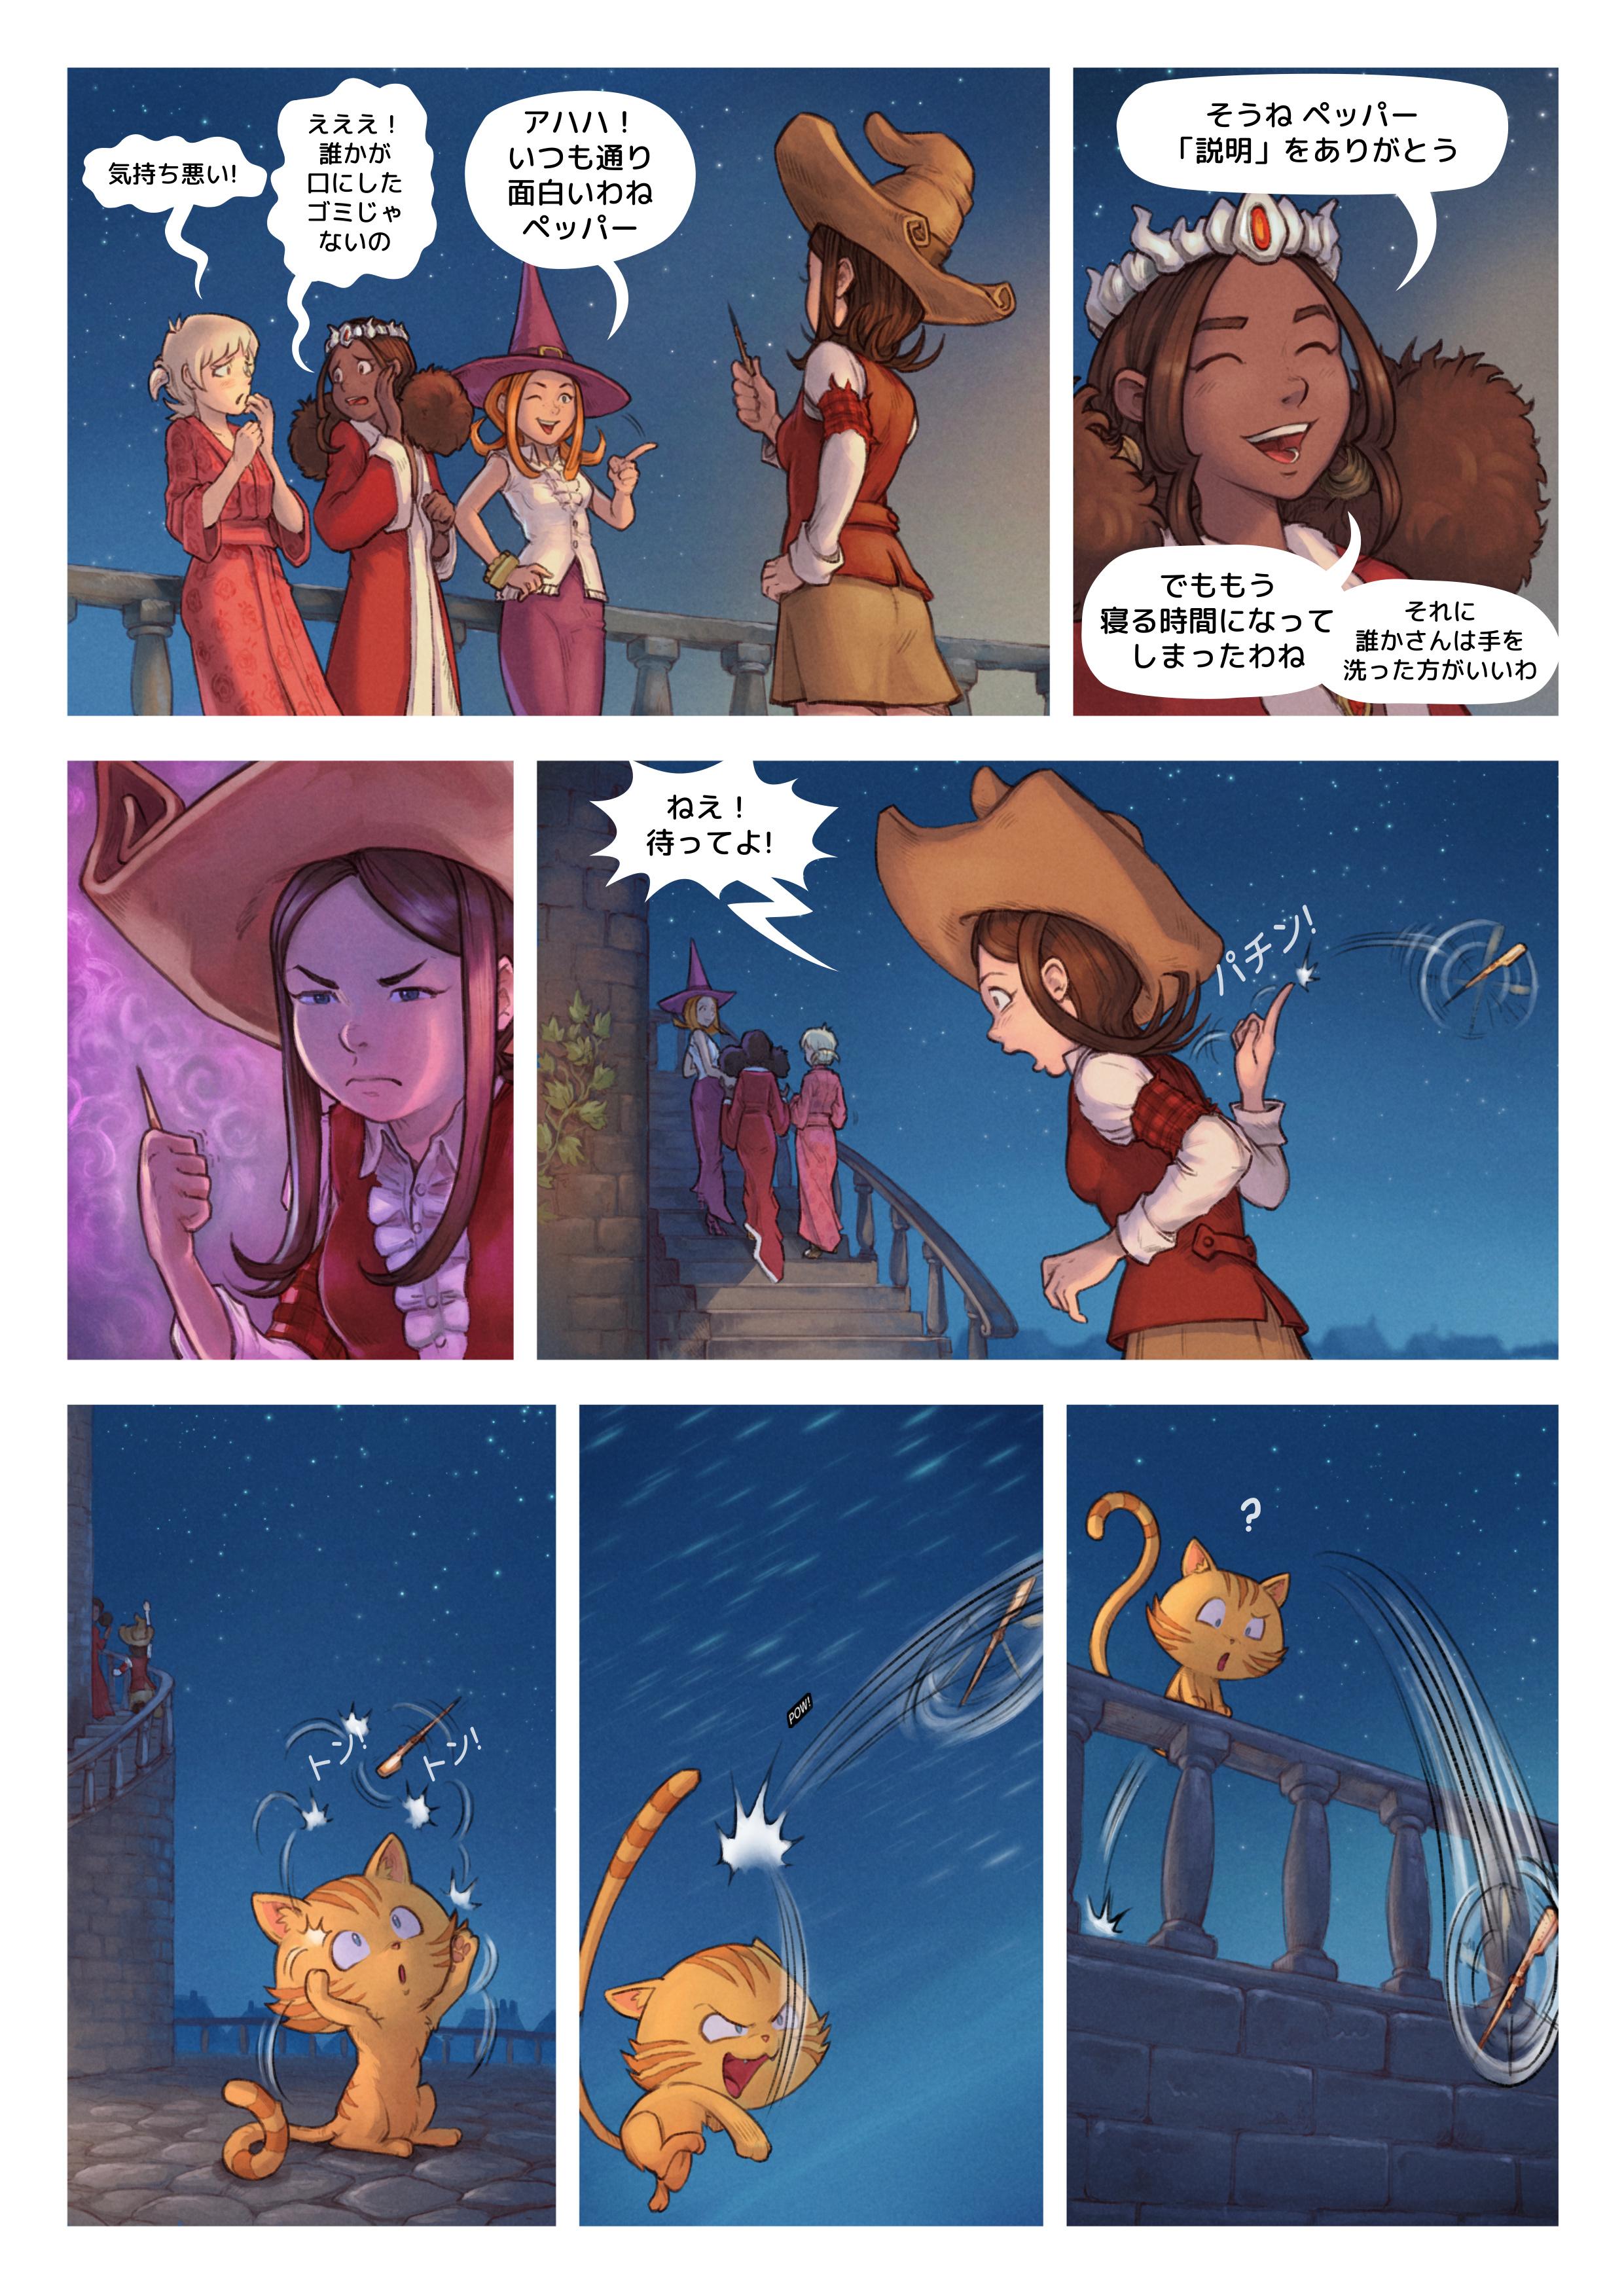 エピソード 29: 世界の破壊者, ページ 4